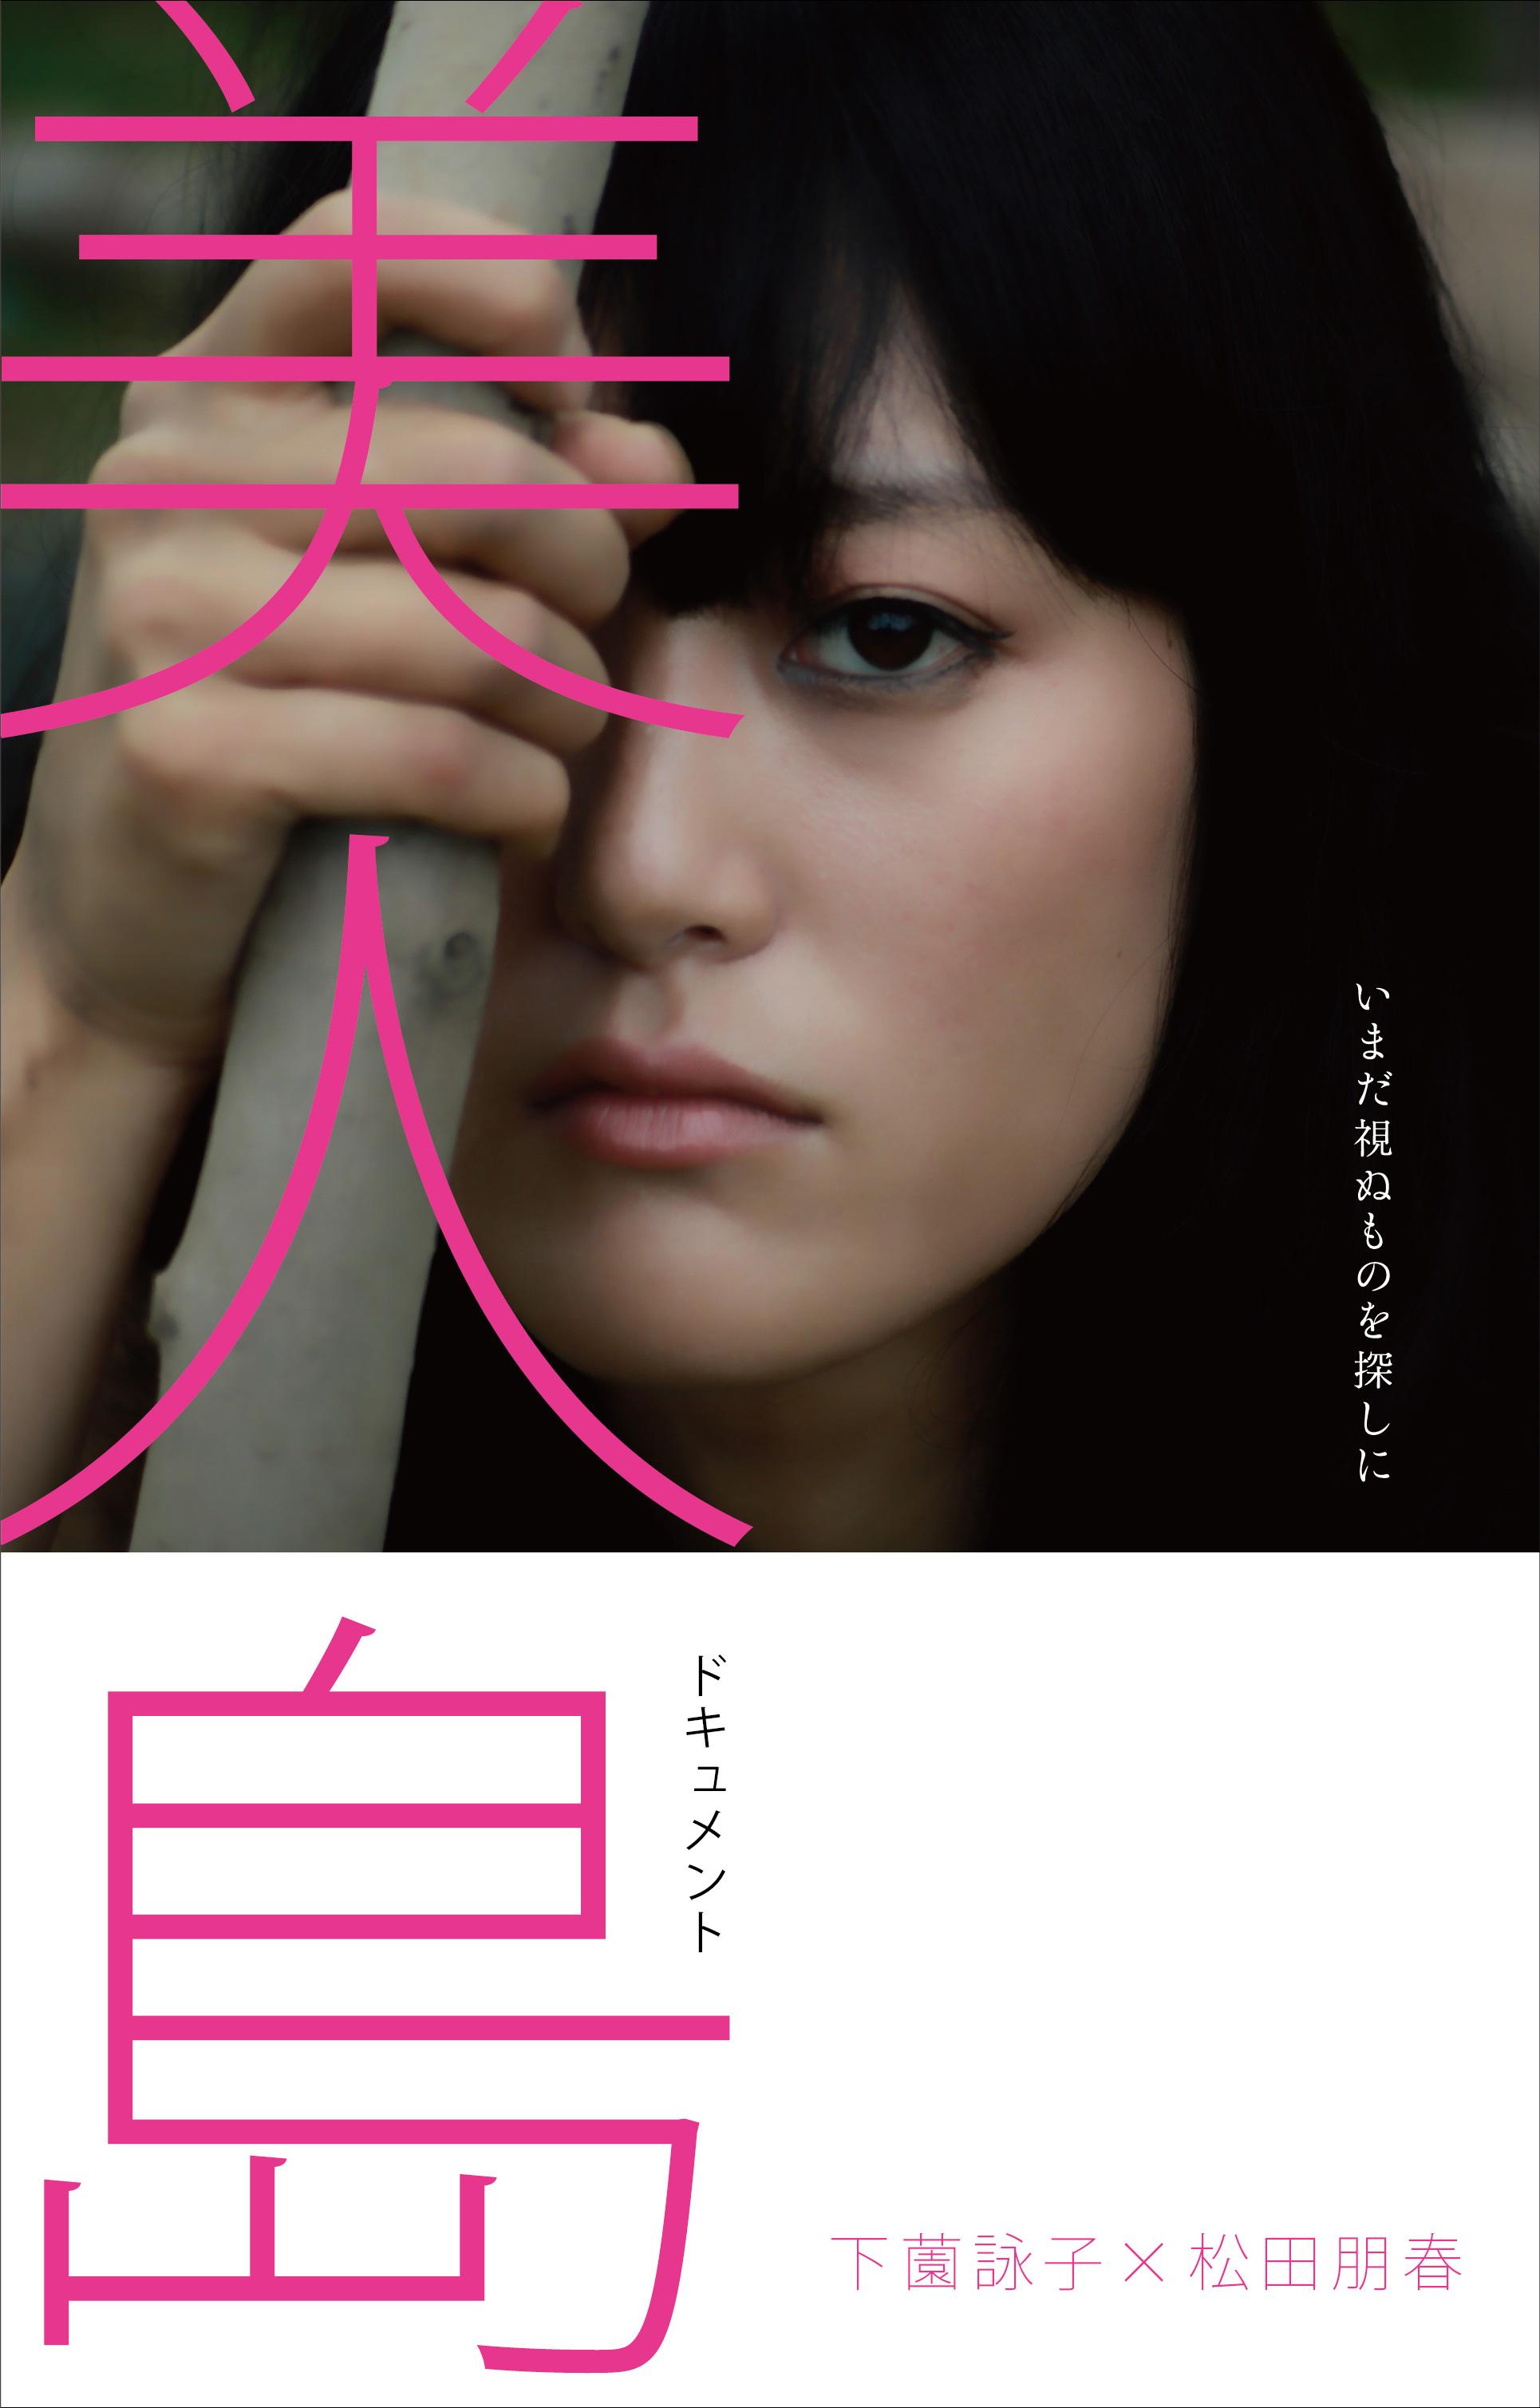 【公開中】ドキュメント・下薗詠子×松田朋春 写真作品「美人島」